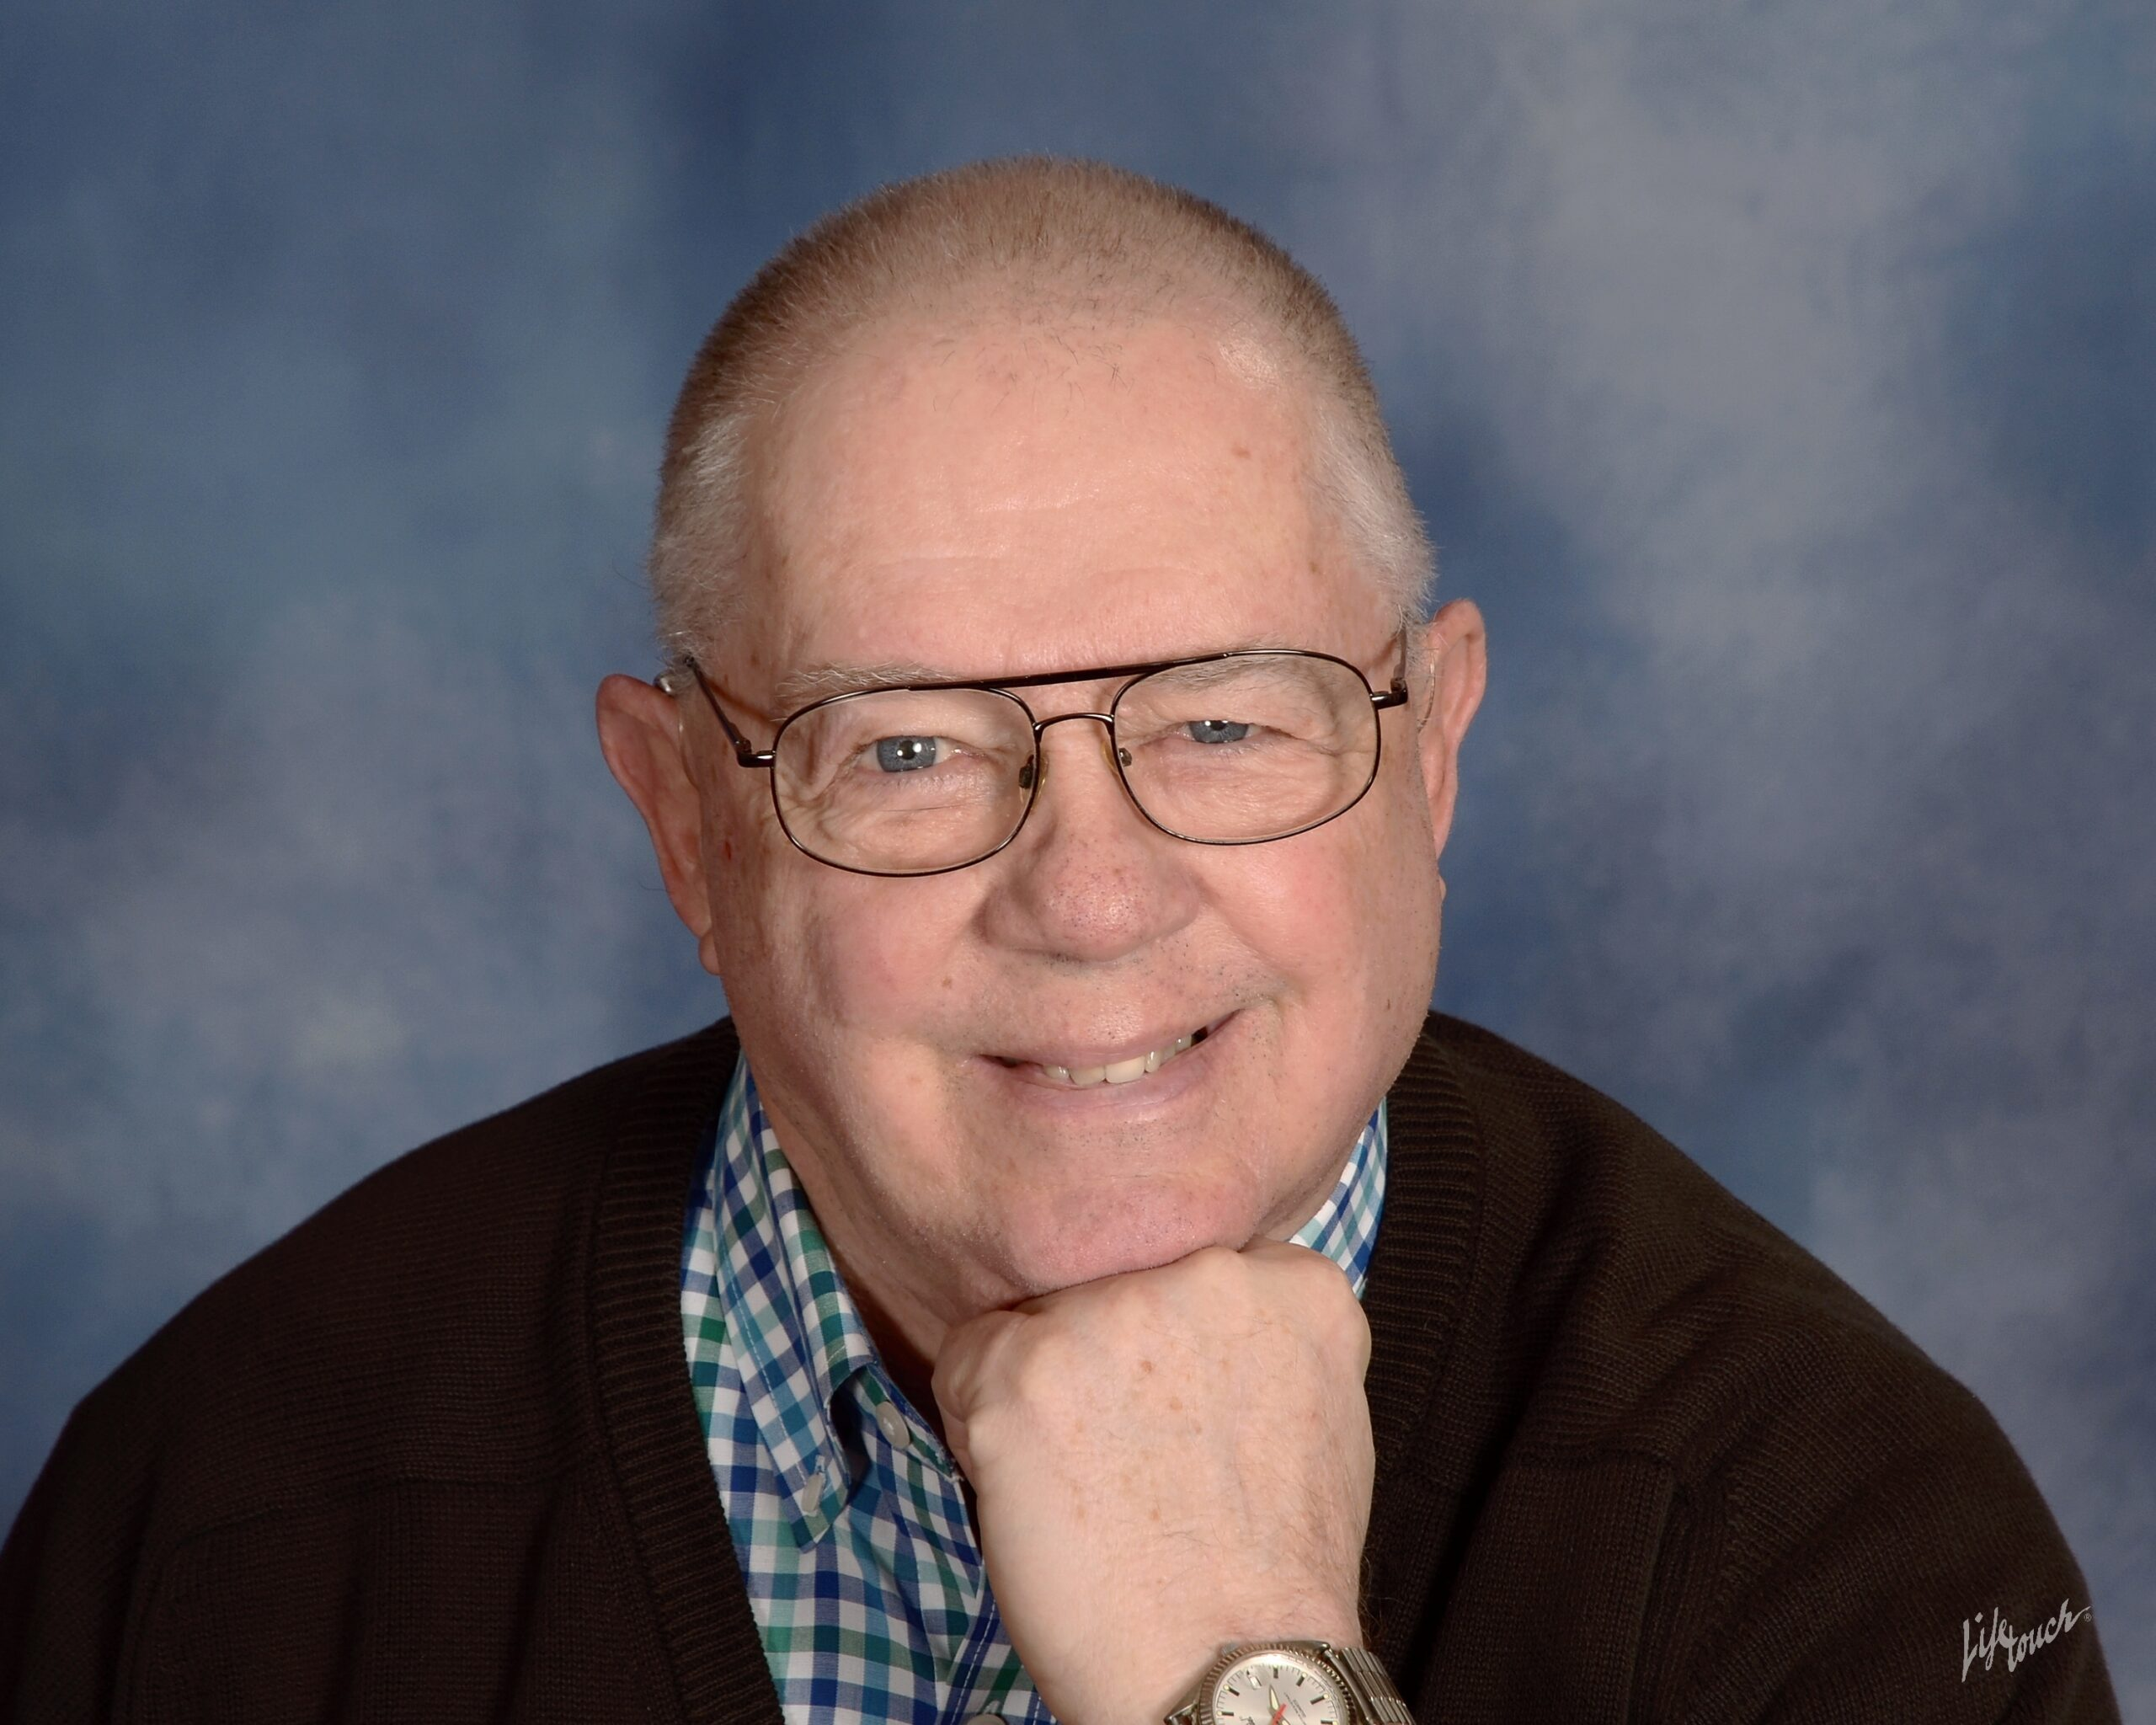 Dick Laidlaw